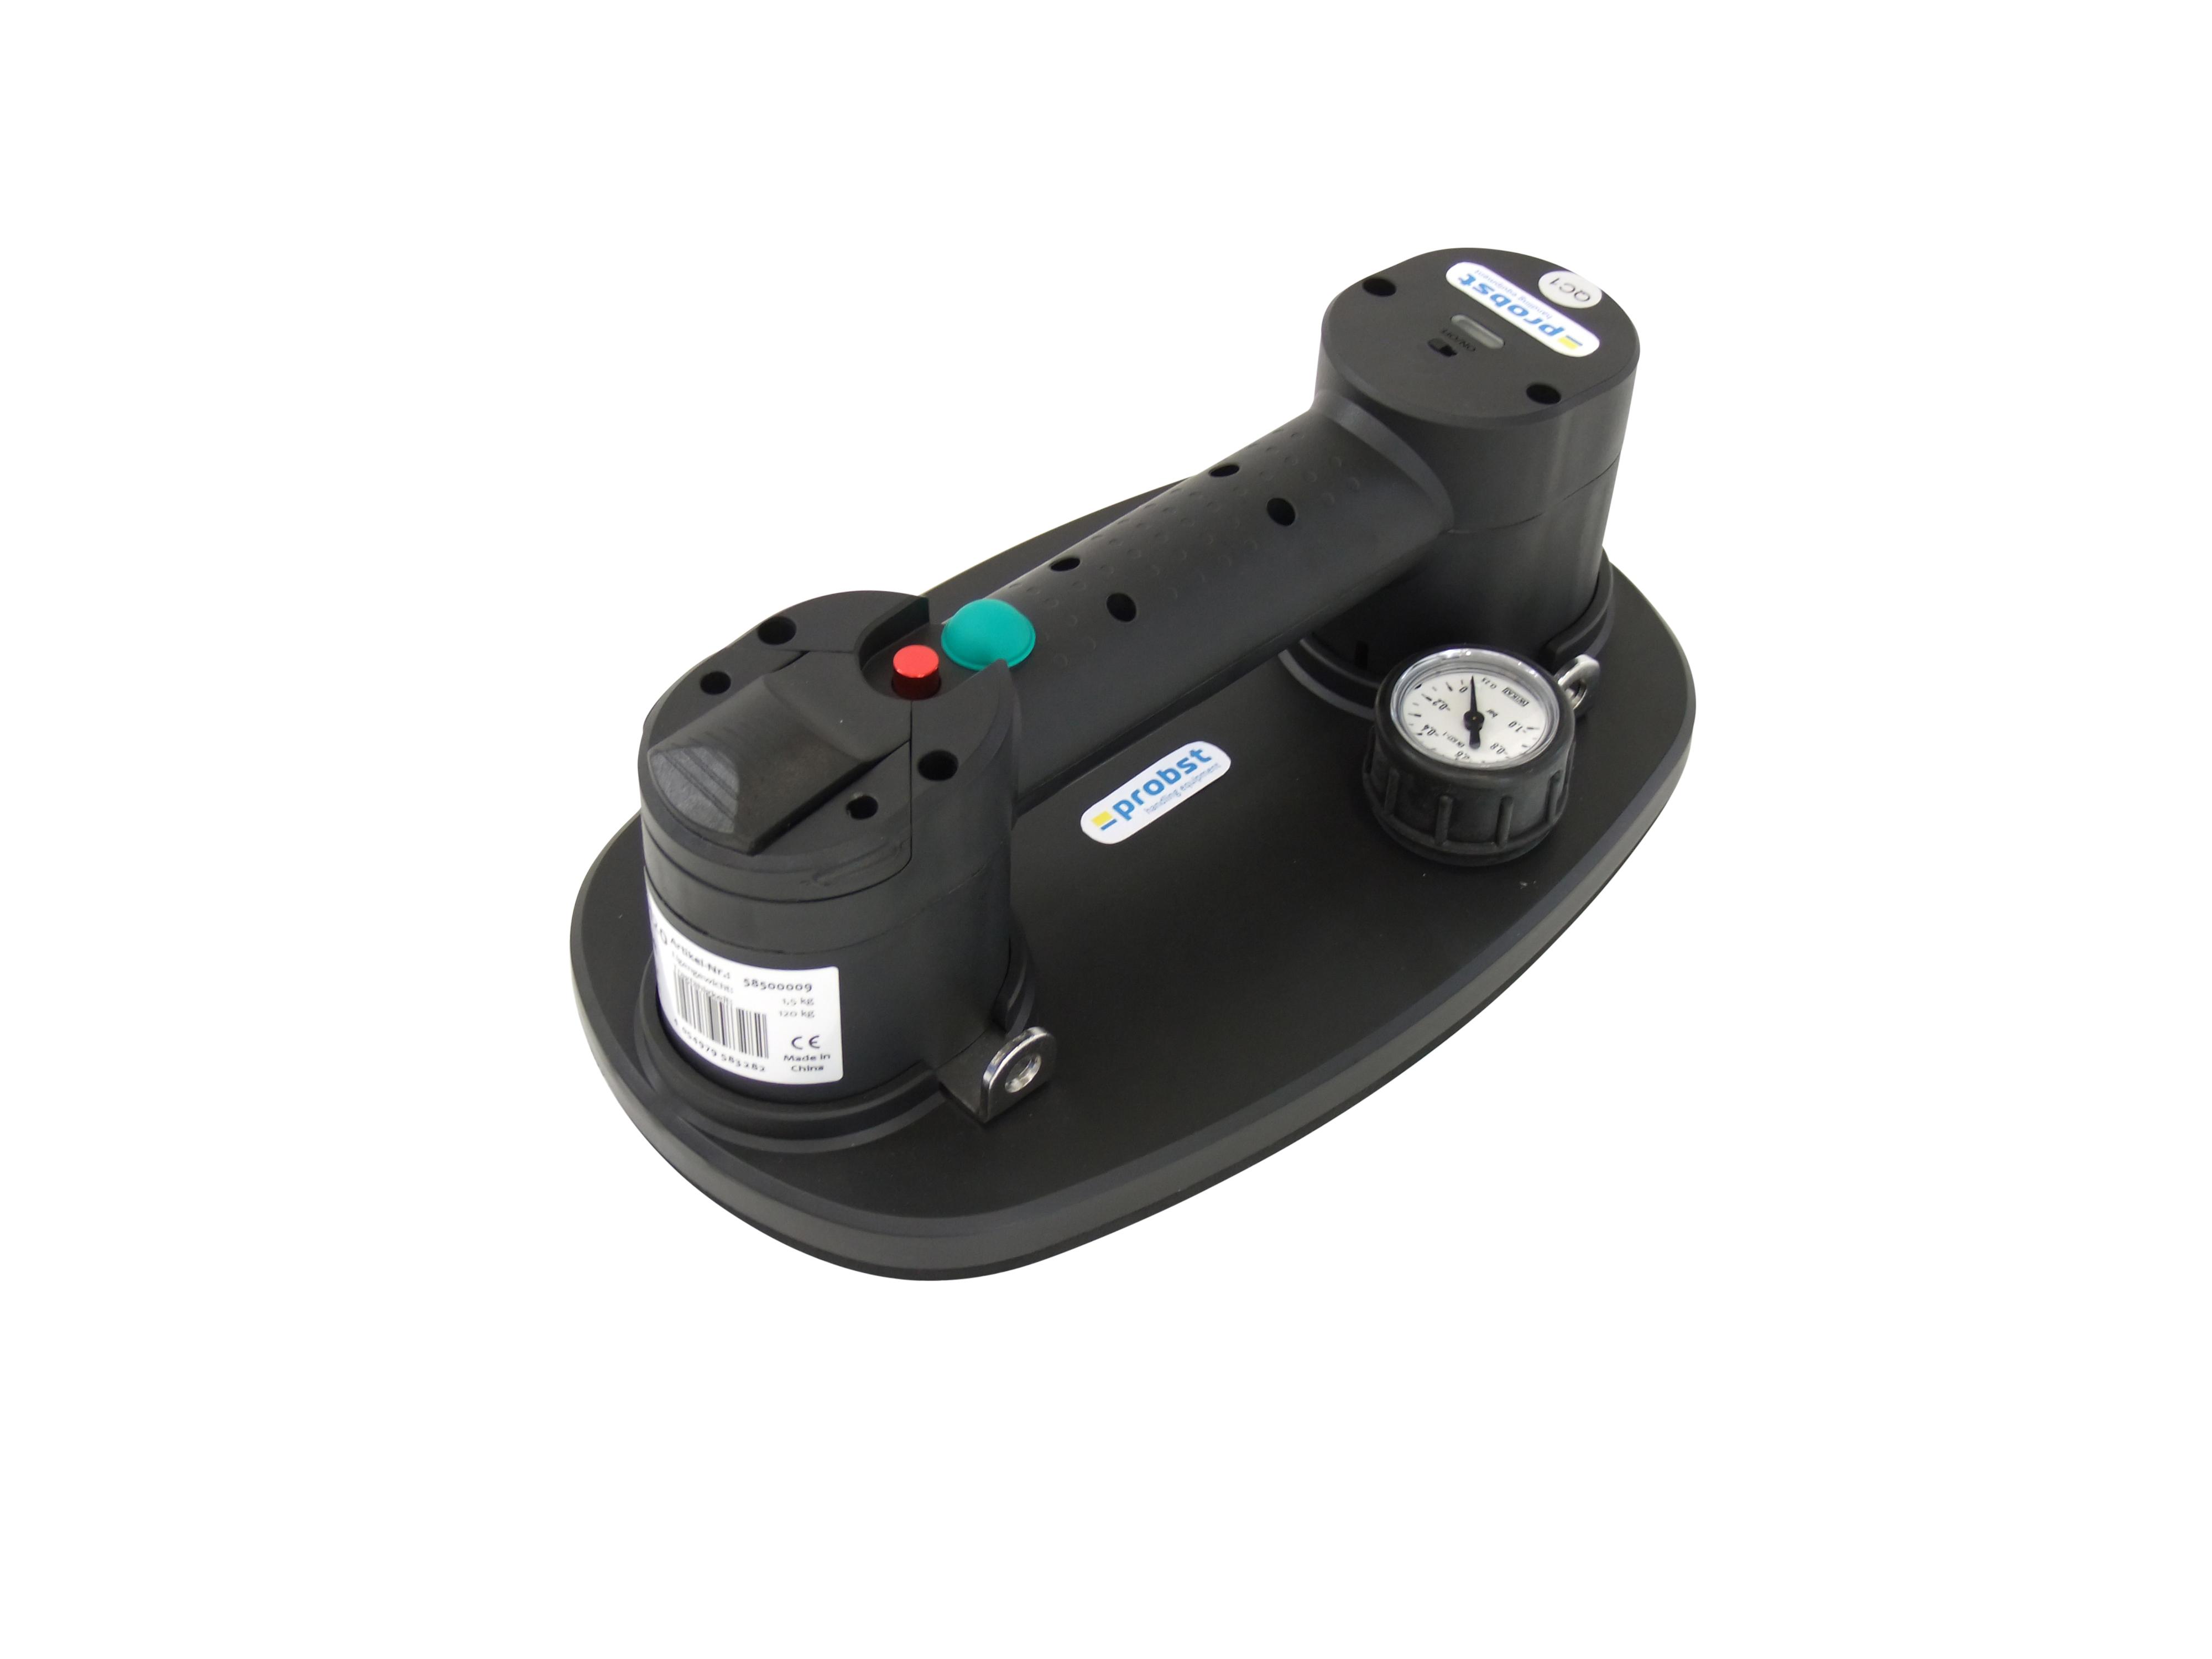 Vakuumhandsauger Akku FXAH-120-EU